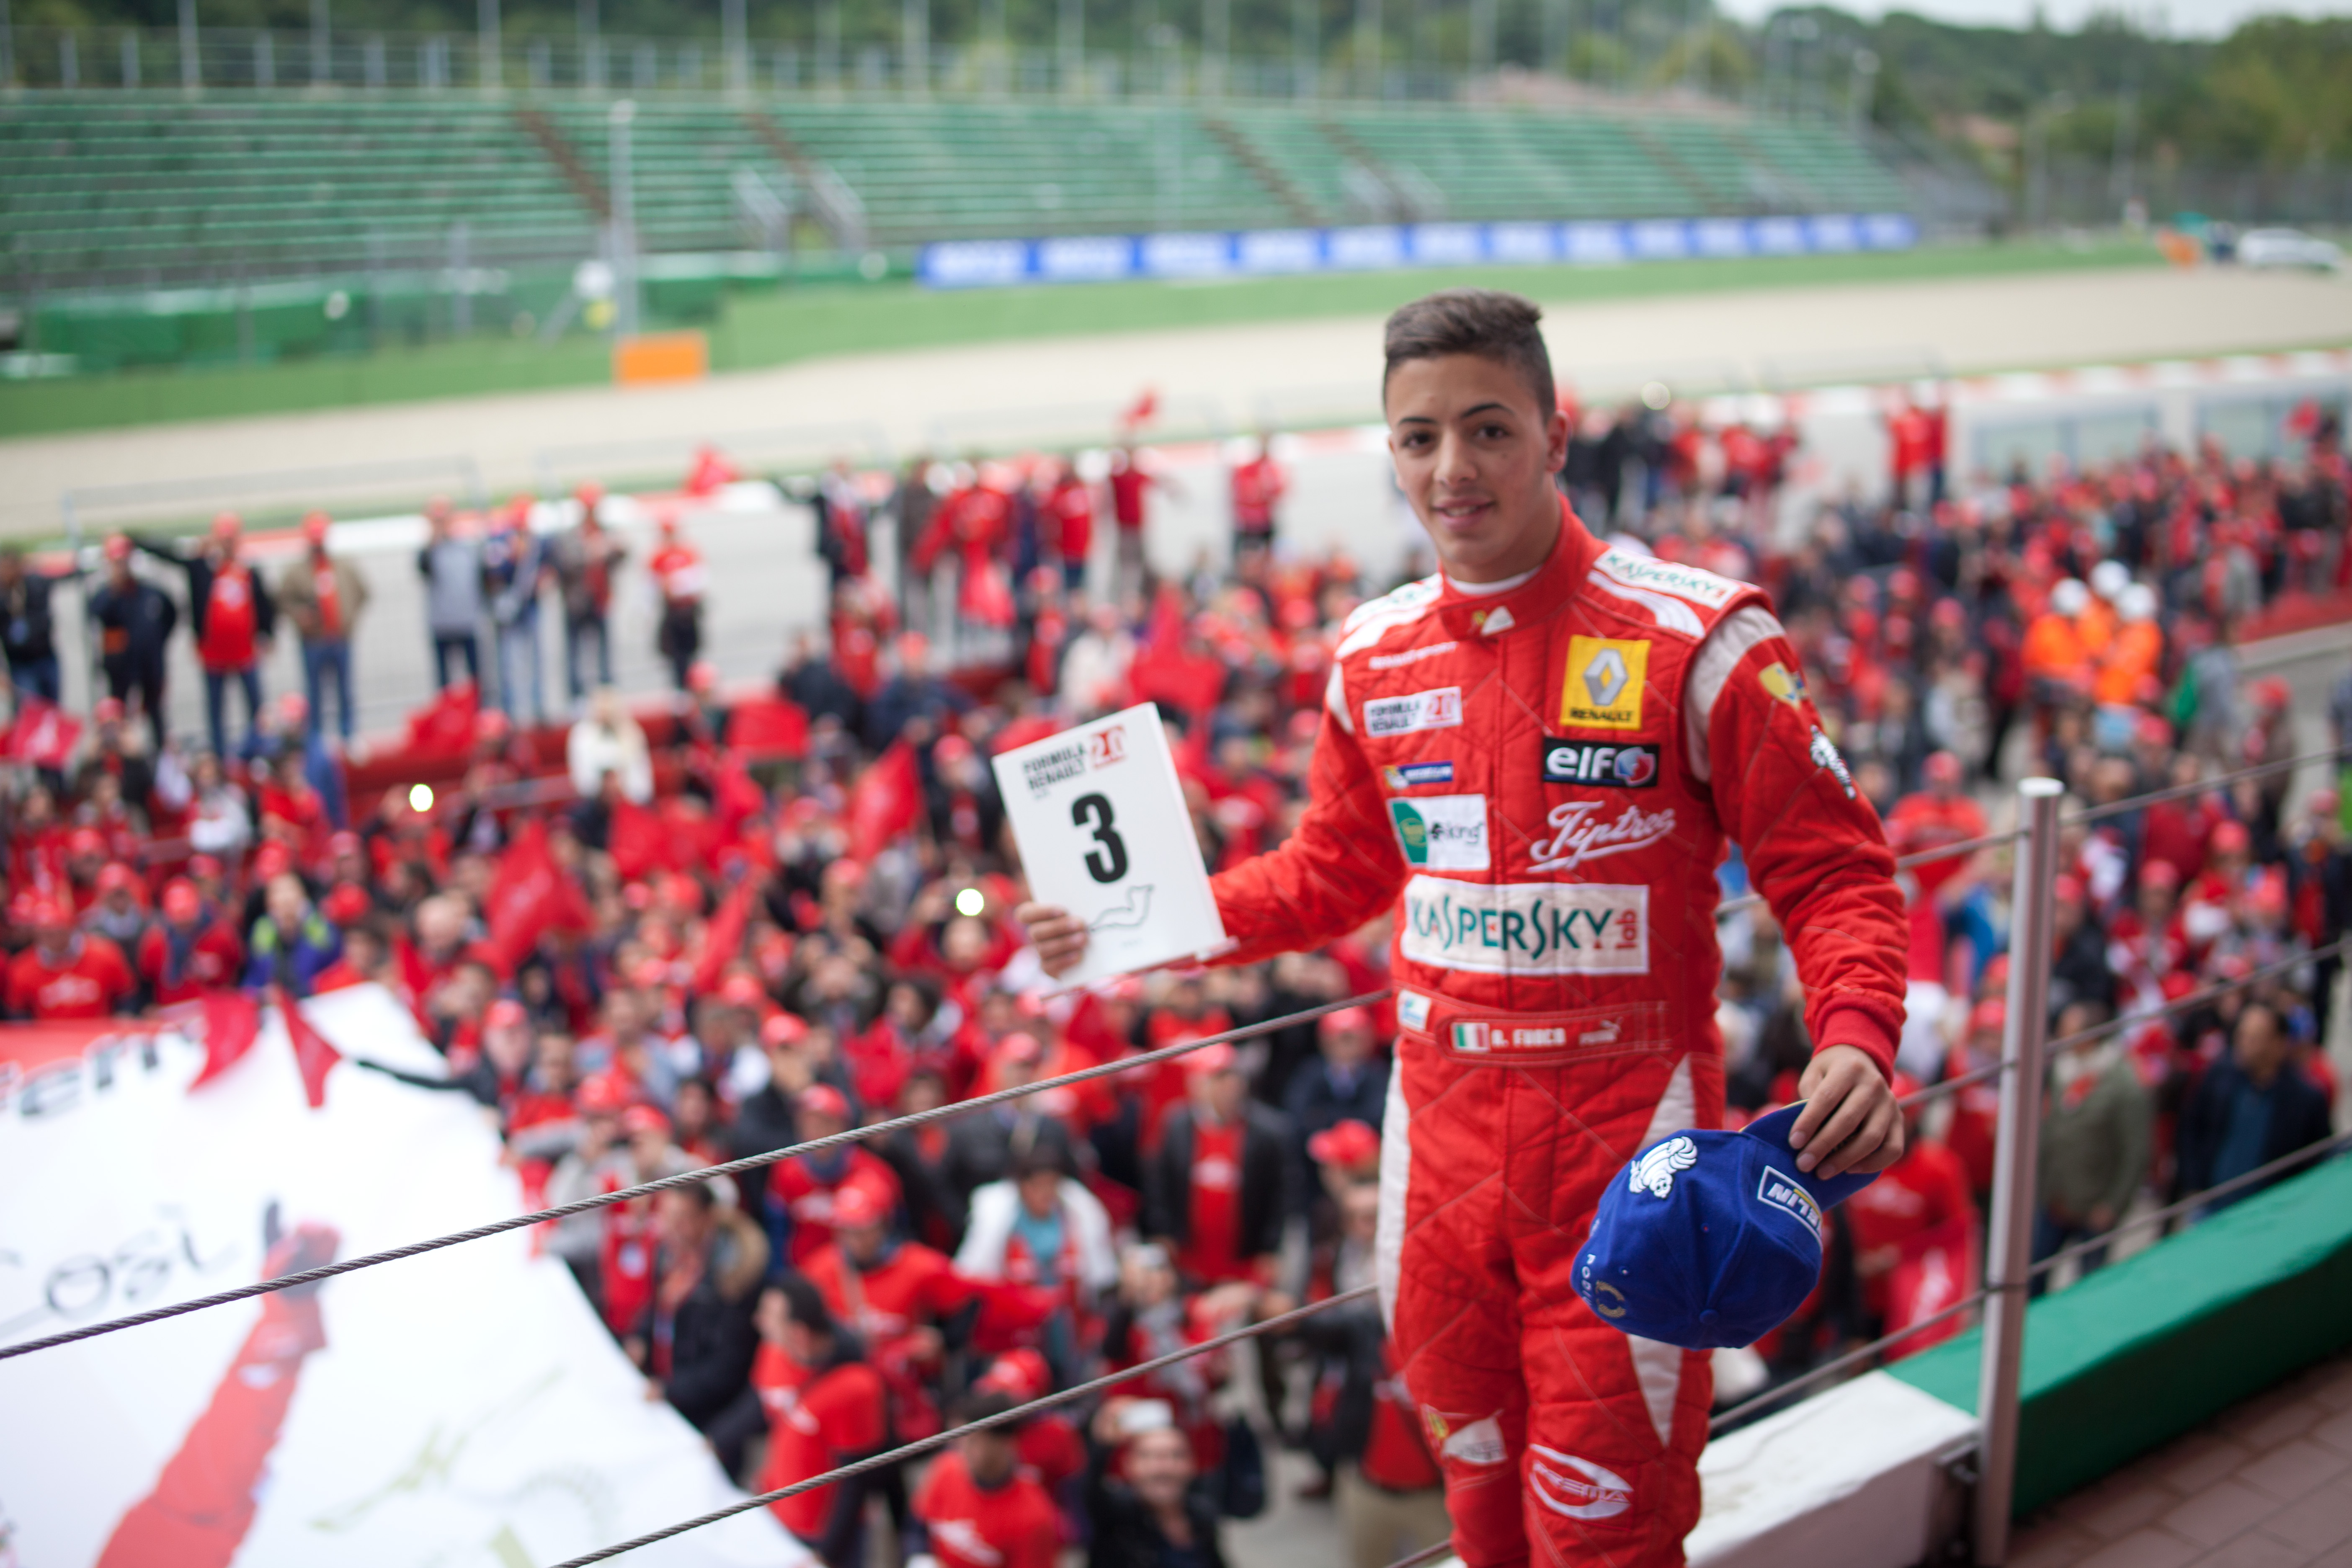 Antonio Fuoco alla scoperta della Formula 3